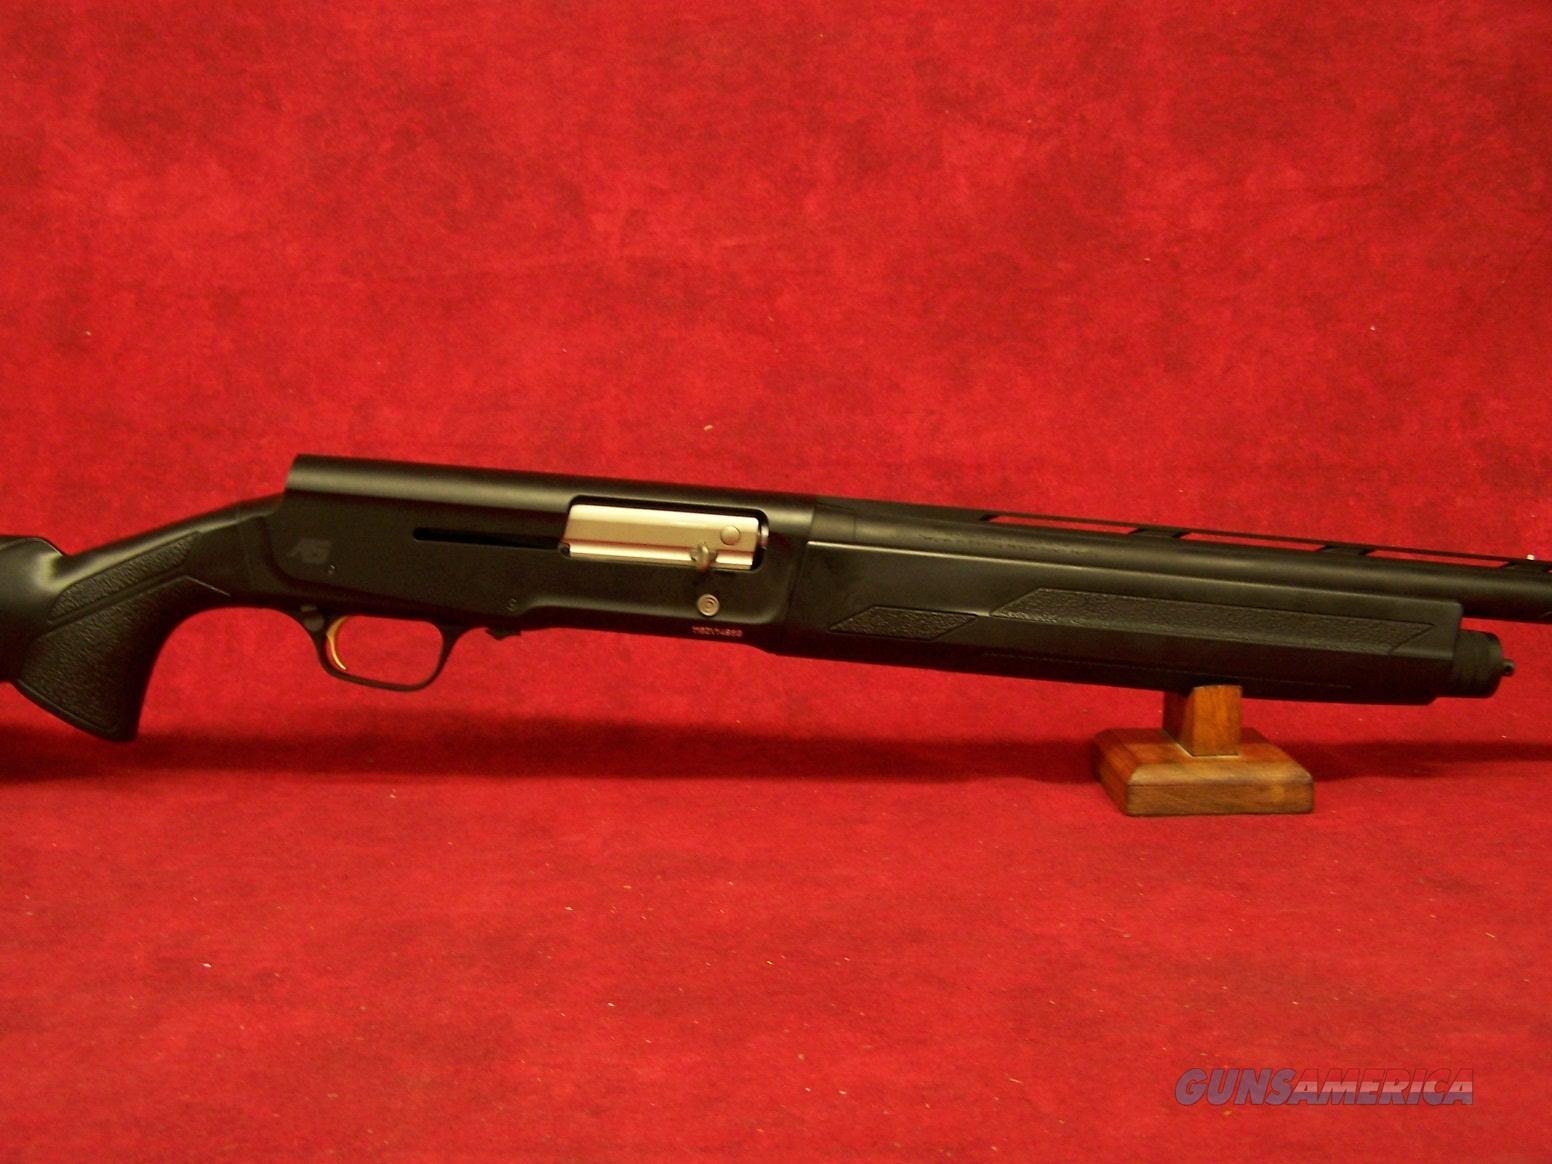 """Browning A5 12ga 3"""" Stalker 28"""" Barrel (0118013004)  Guns > Shotguns > Browning Shotguns > Autoloaders > Hunting"""